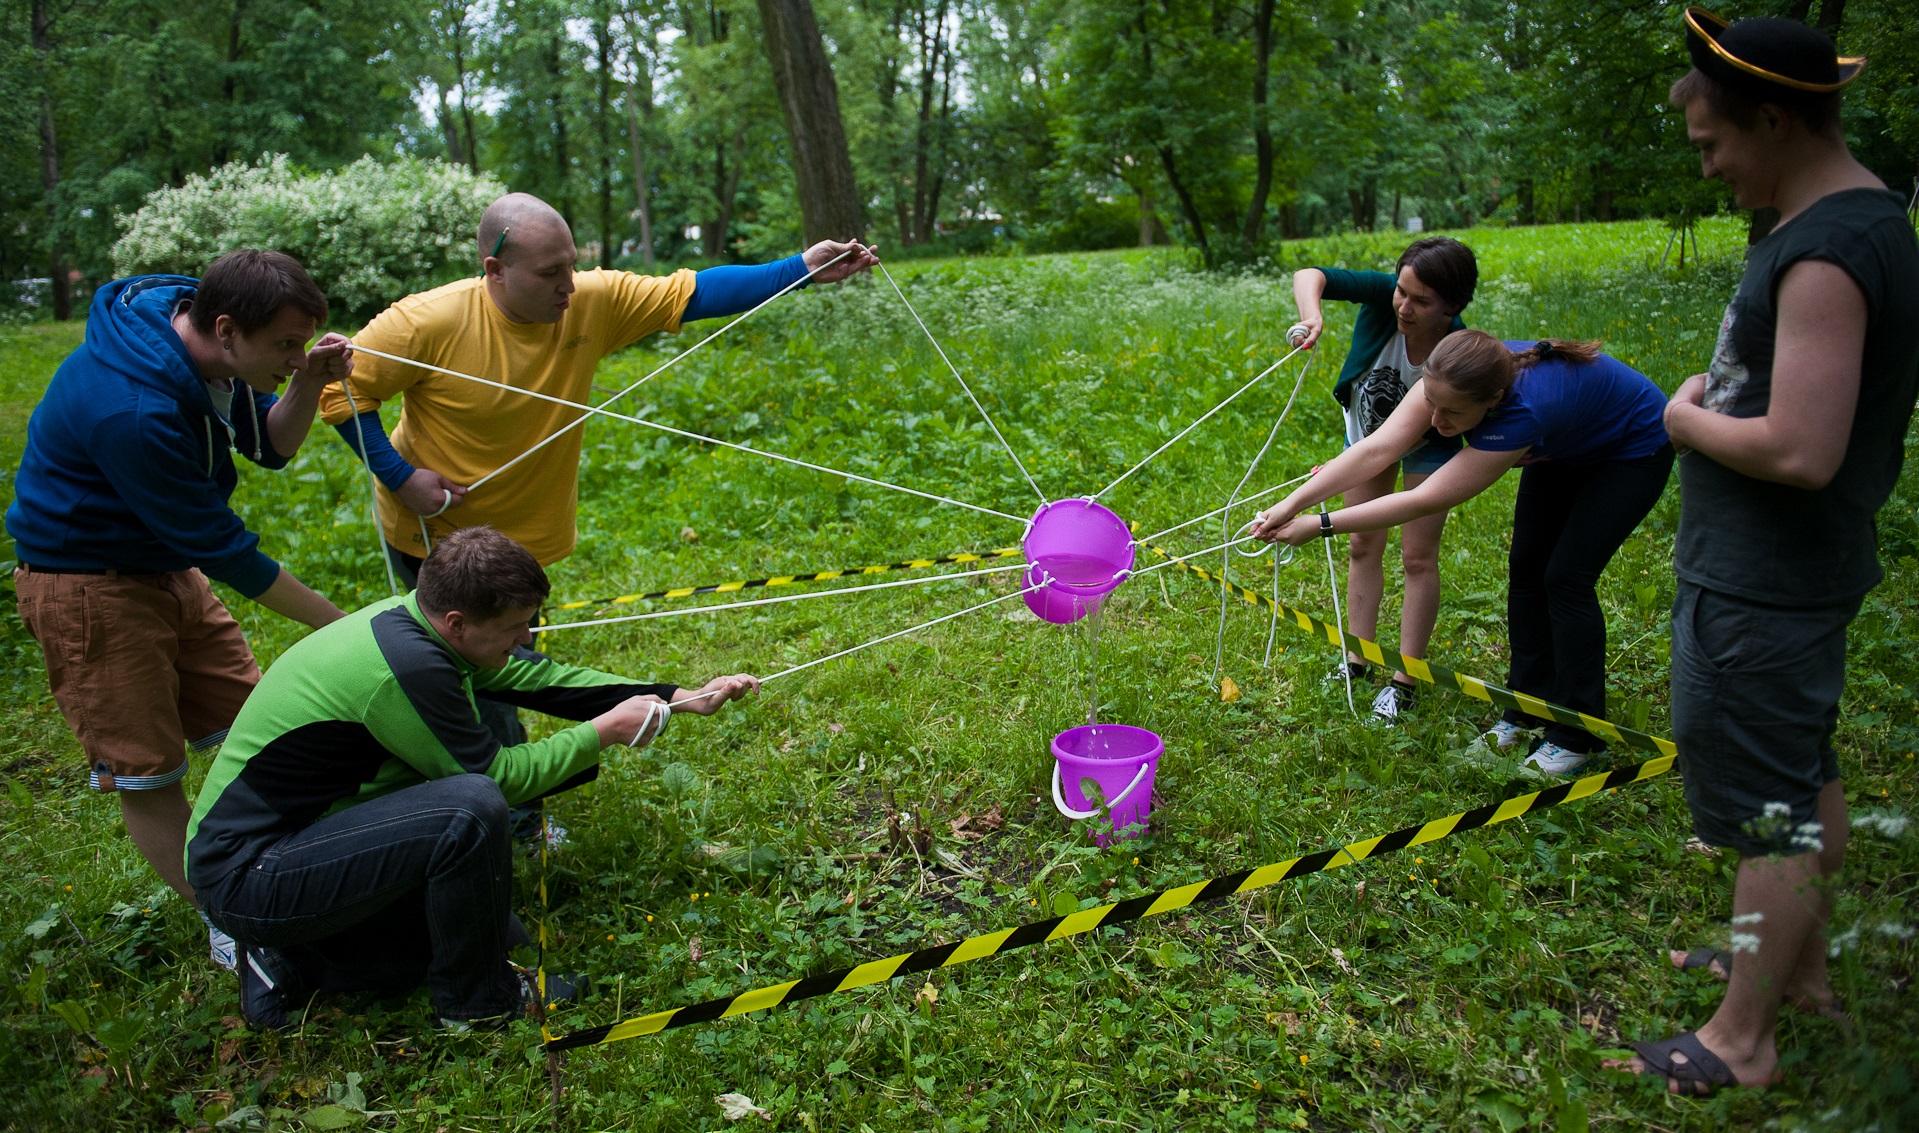 Конкурсы на день рождение с веревкой